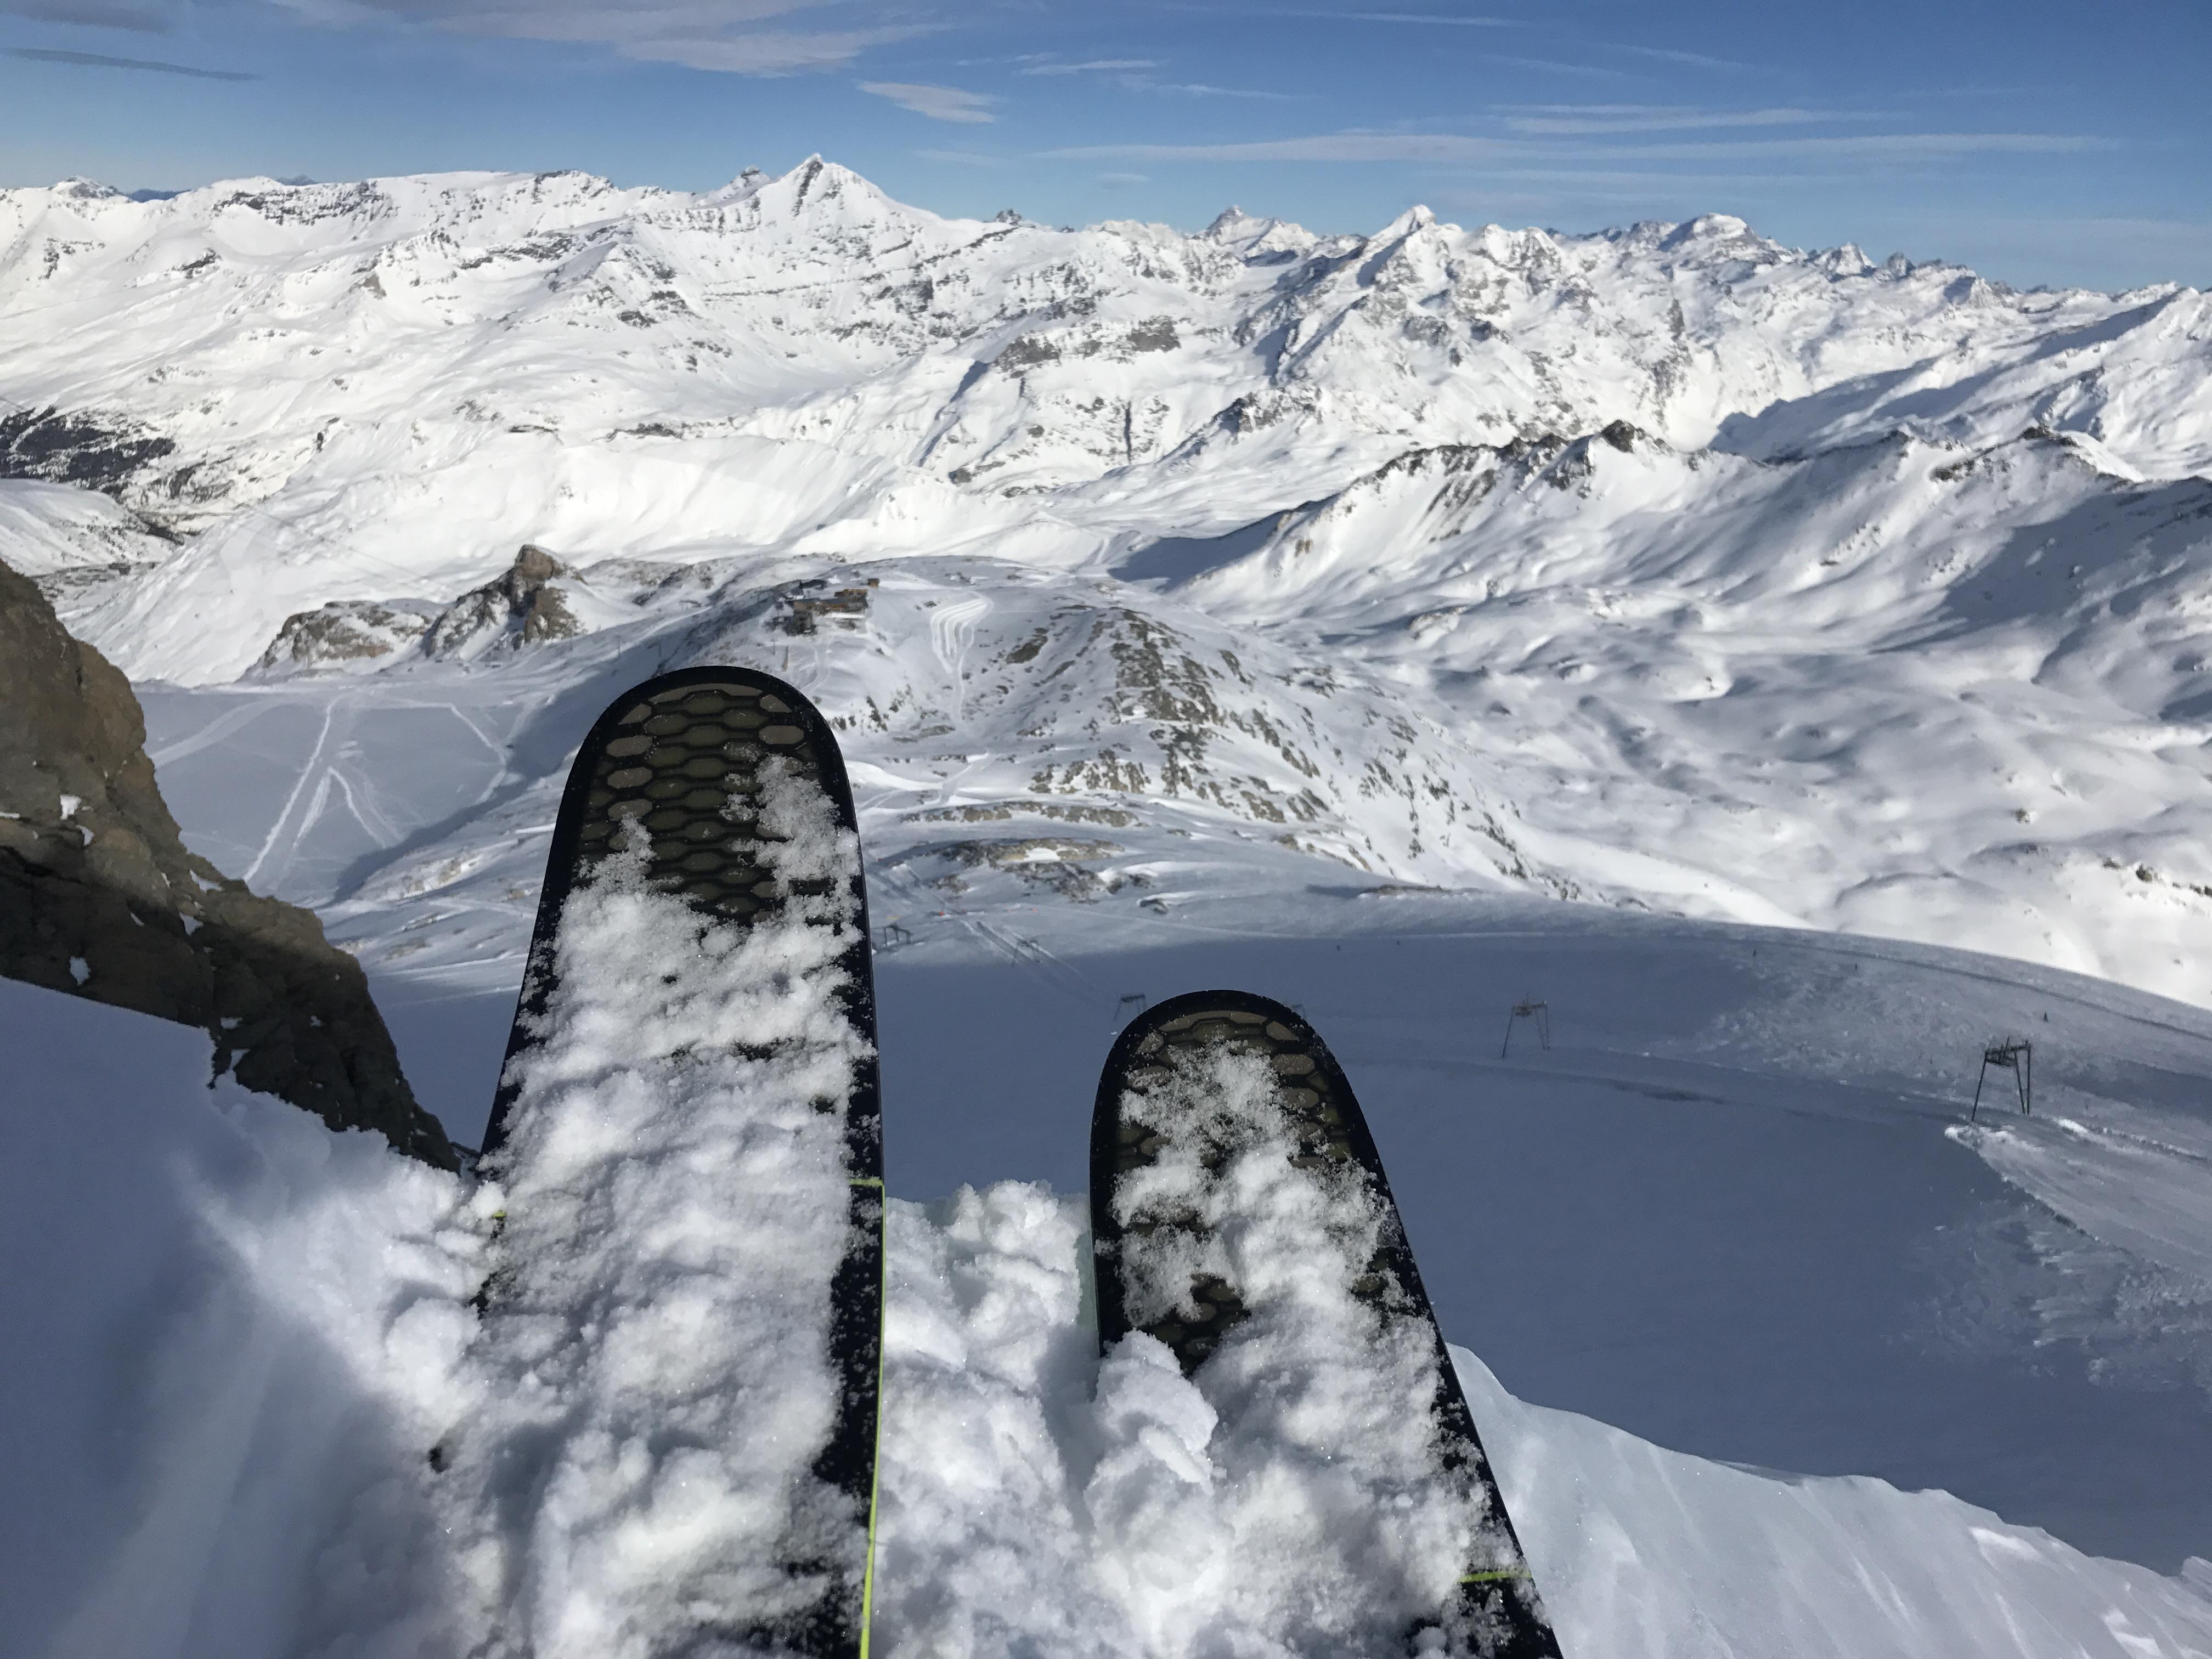 valskitignes-moniteurs-ski-independants